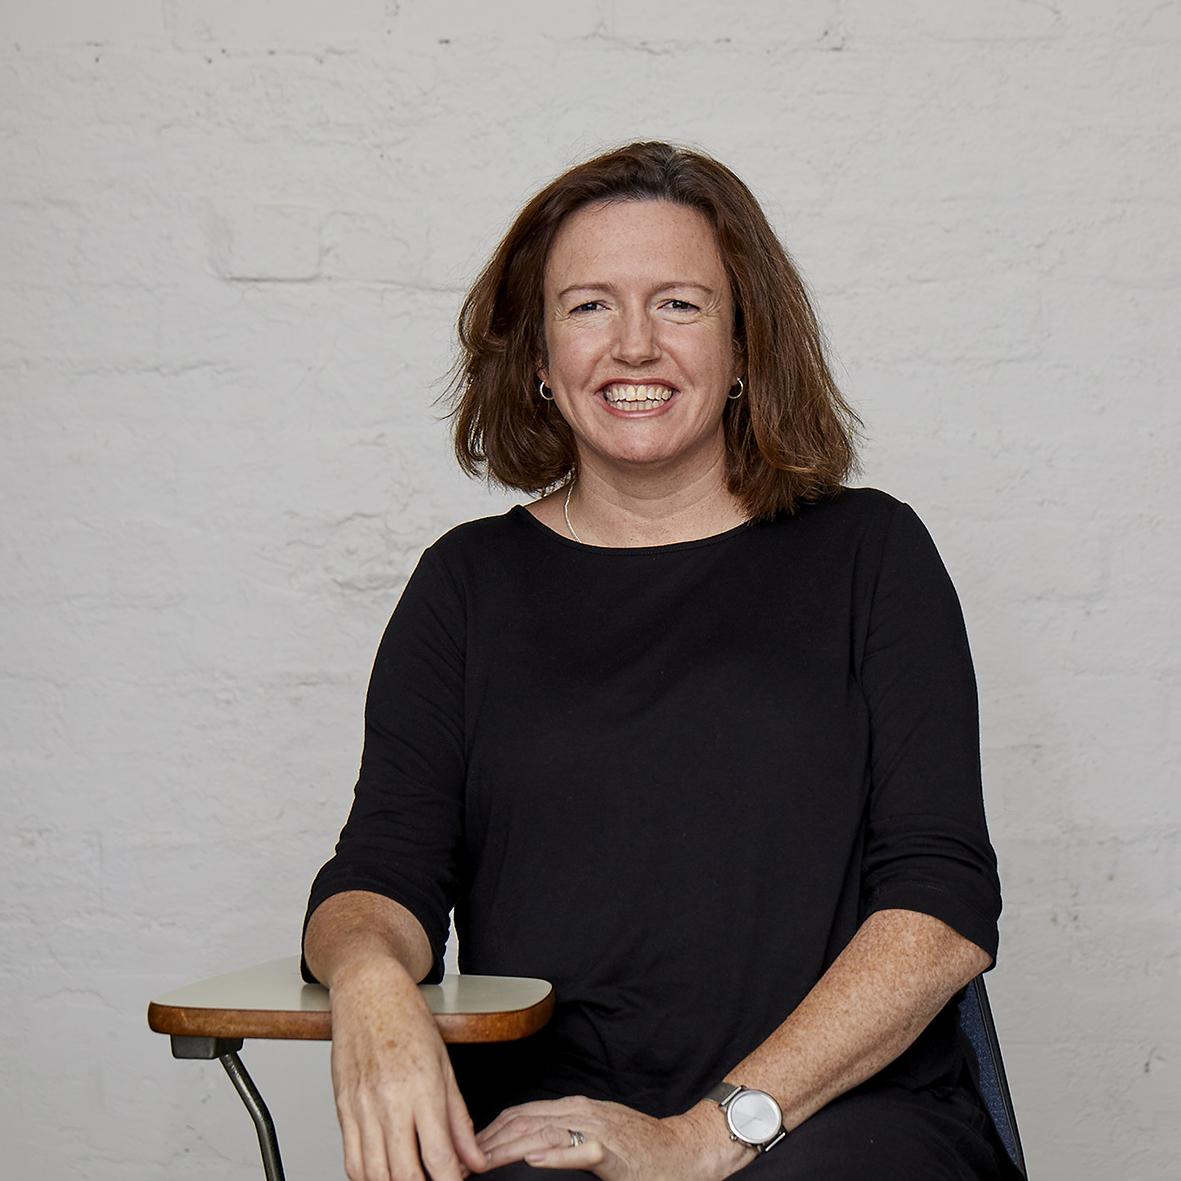 Julie Mehegan